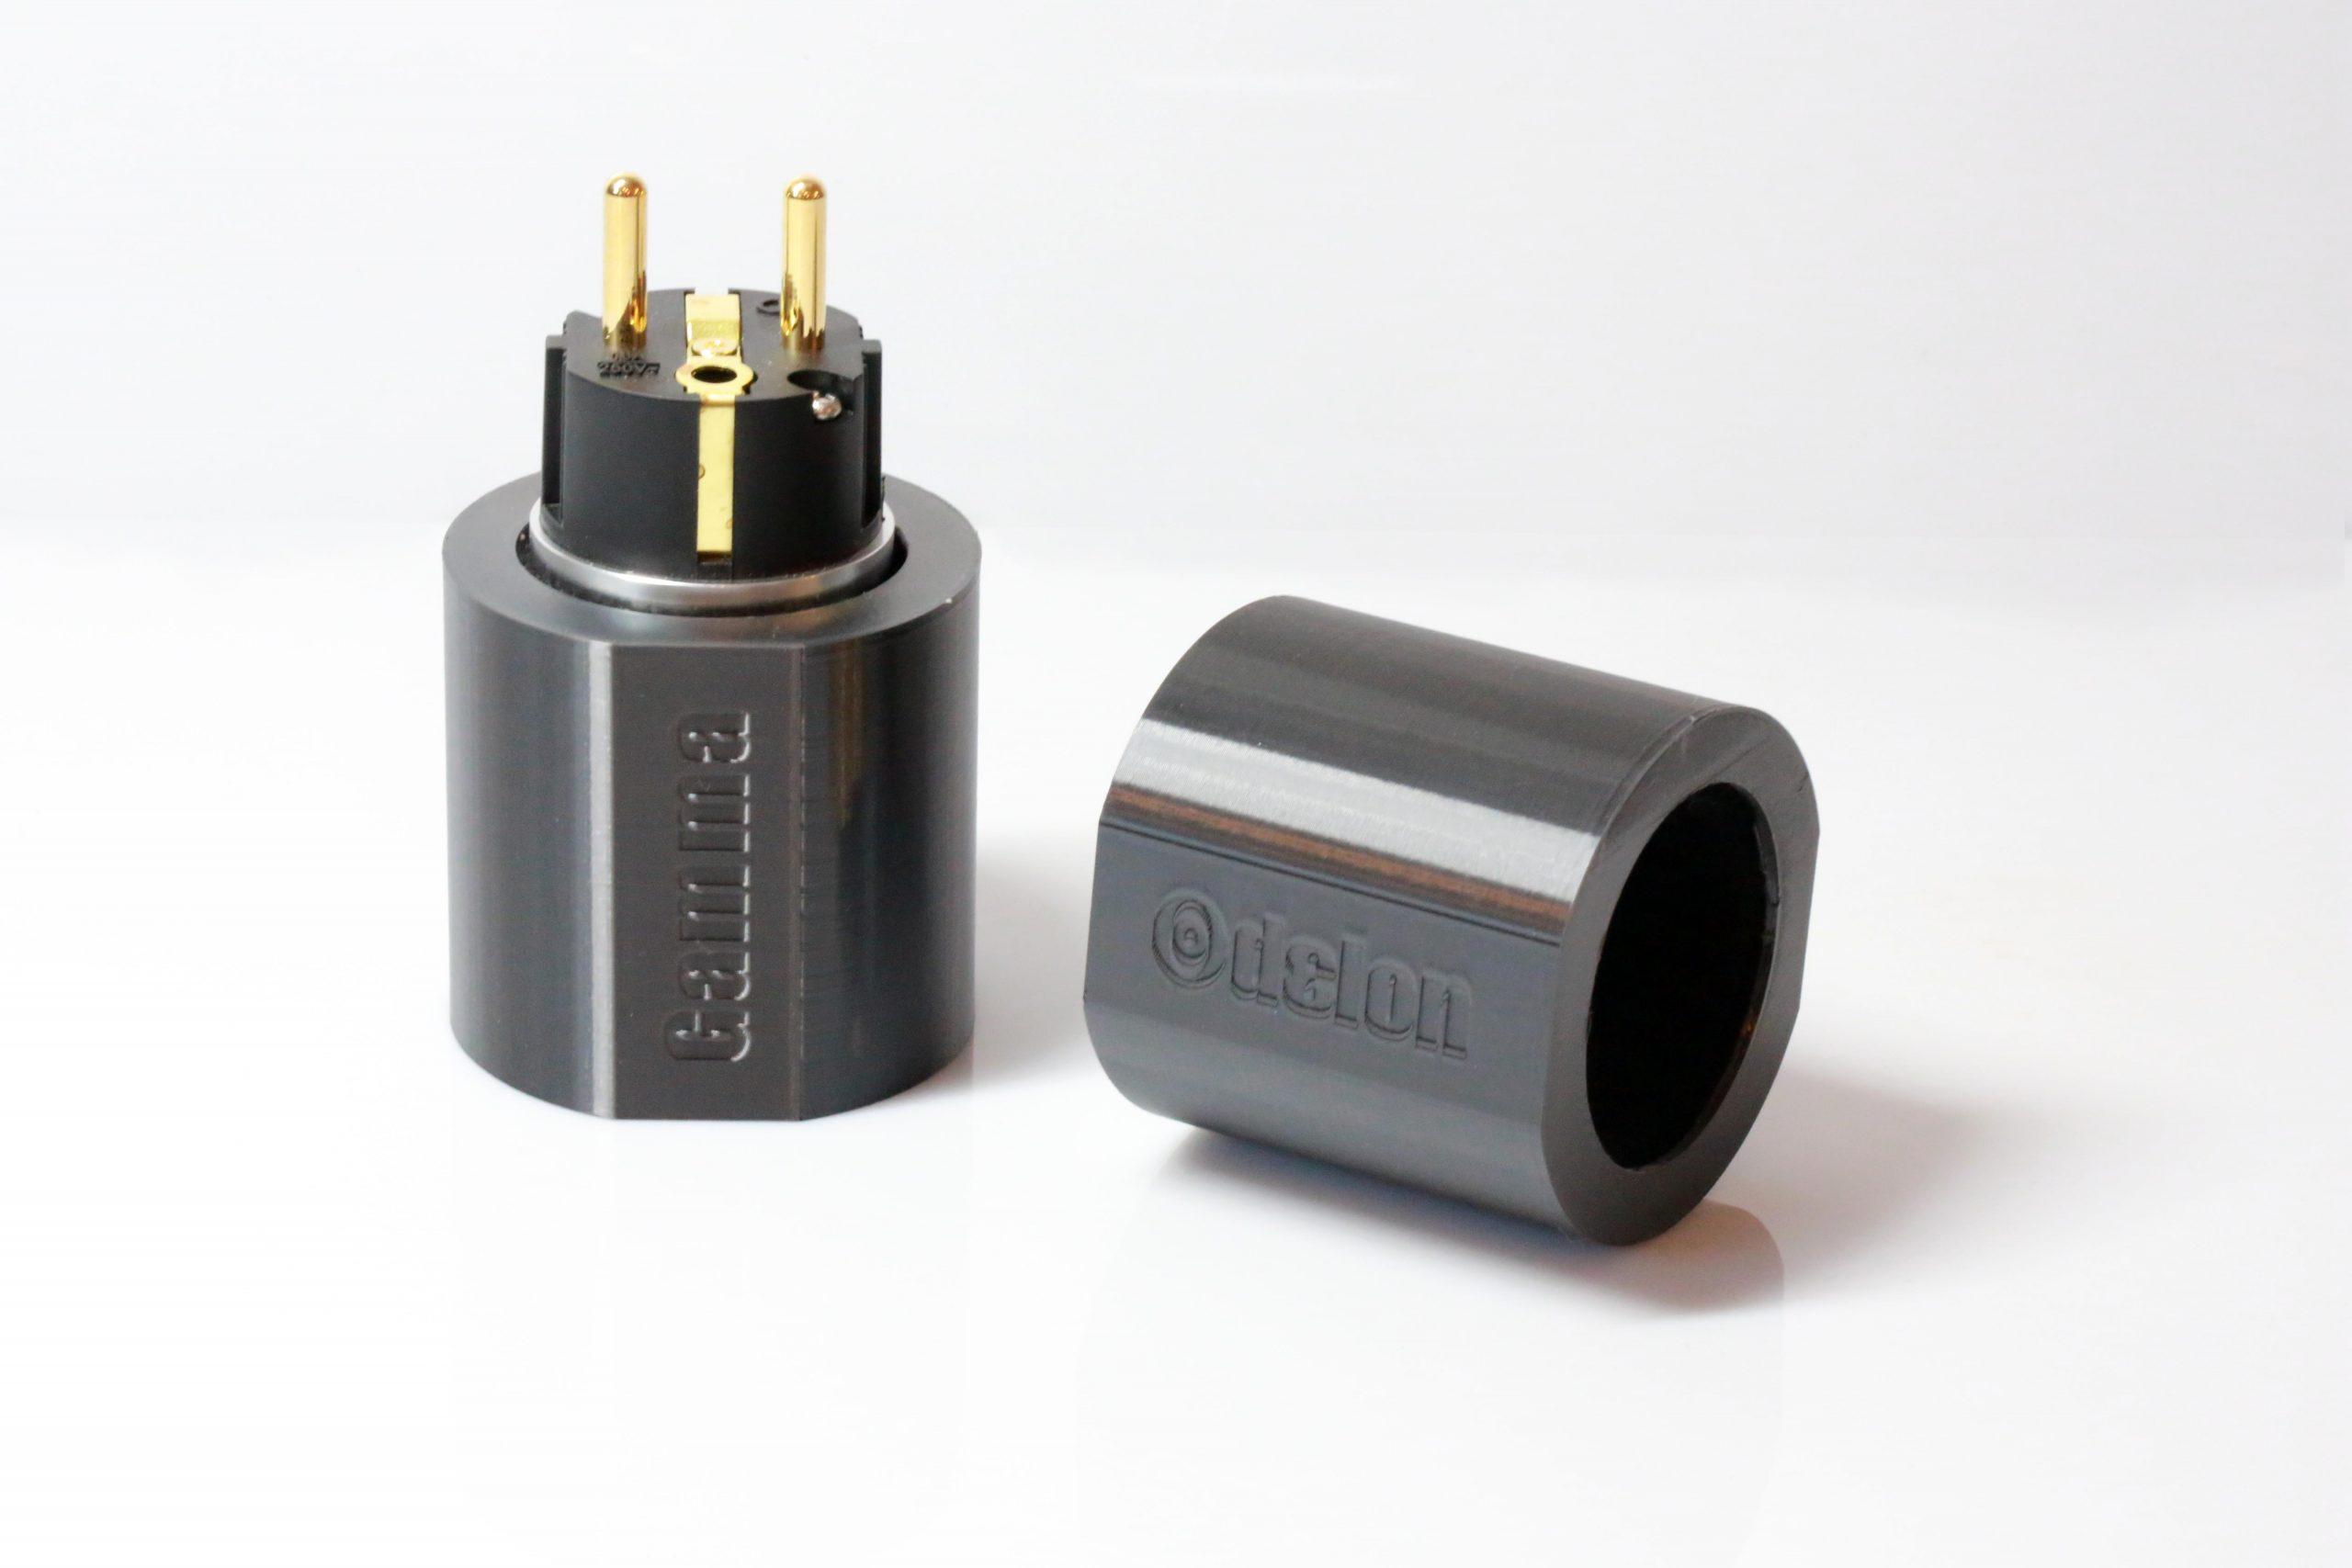 Odeion Power bands Gamma accessoires secteur